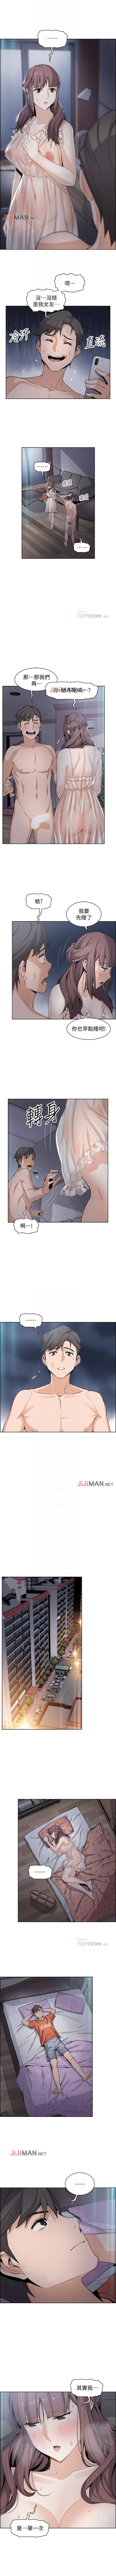 【周四连载】前女友变女佣(作者:PAPER&頸枕) 第1~33话 94